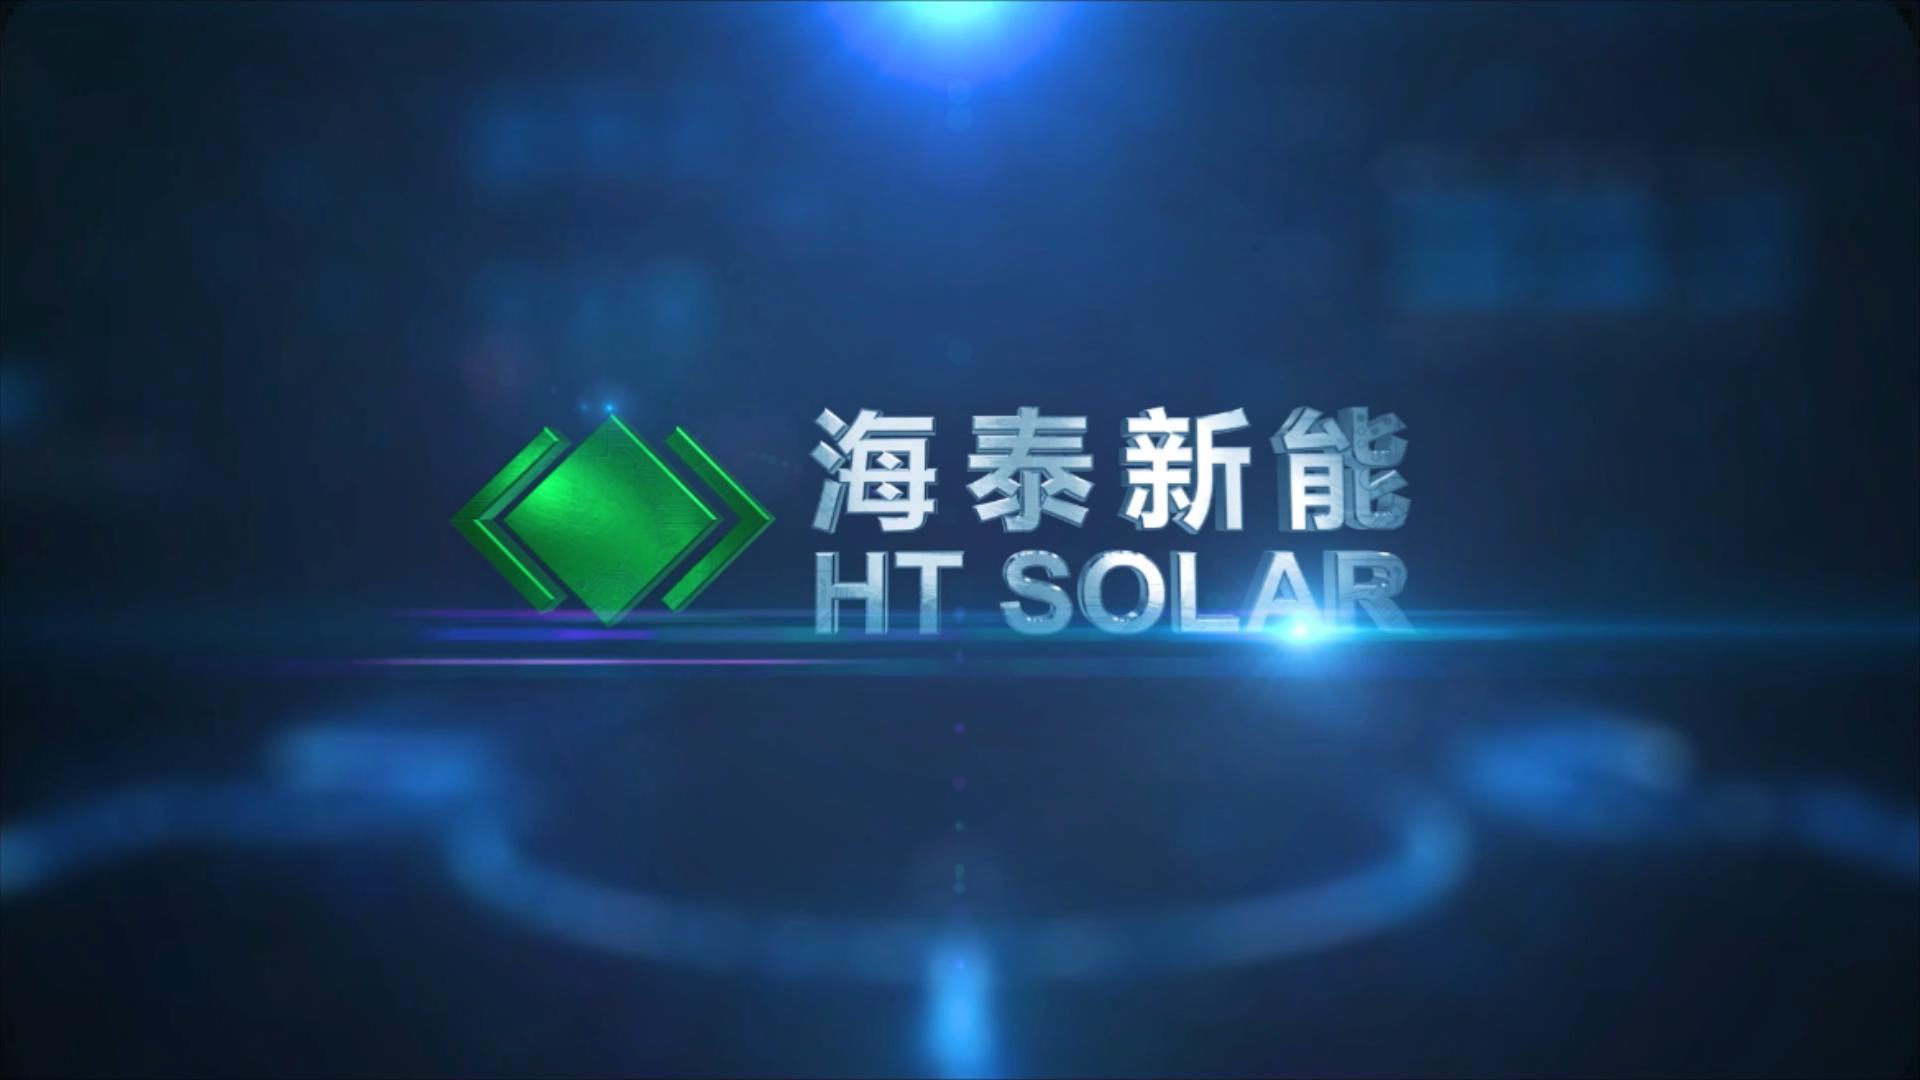 海泰新能宣传片